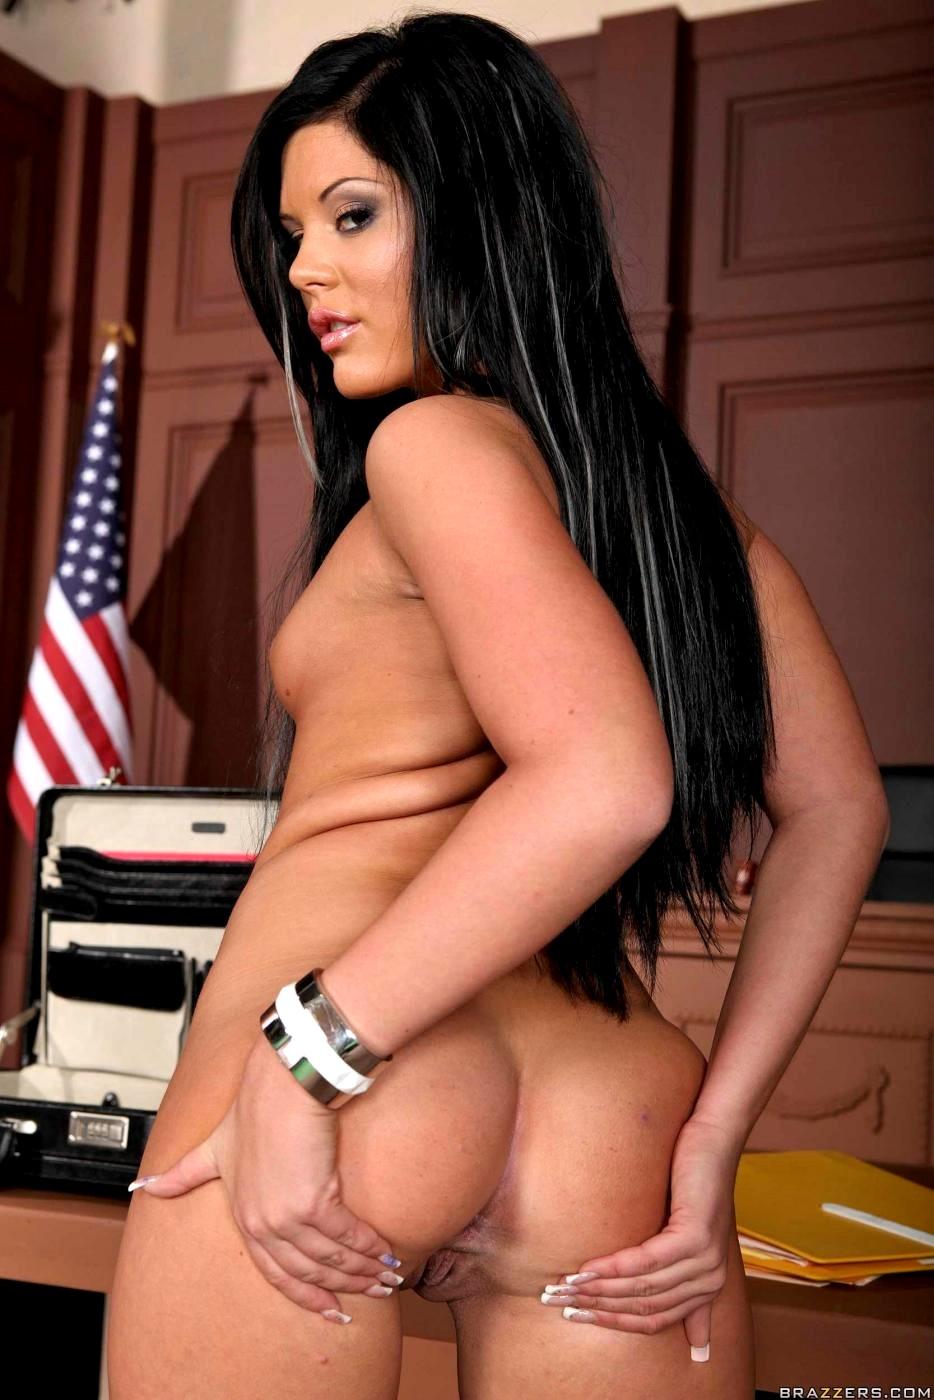 Мэдисон паркер и джуд найлс порно, фото очень большие жопы при широких бедрах